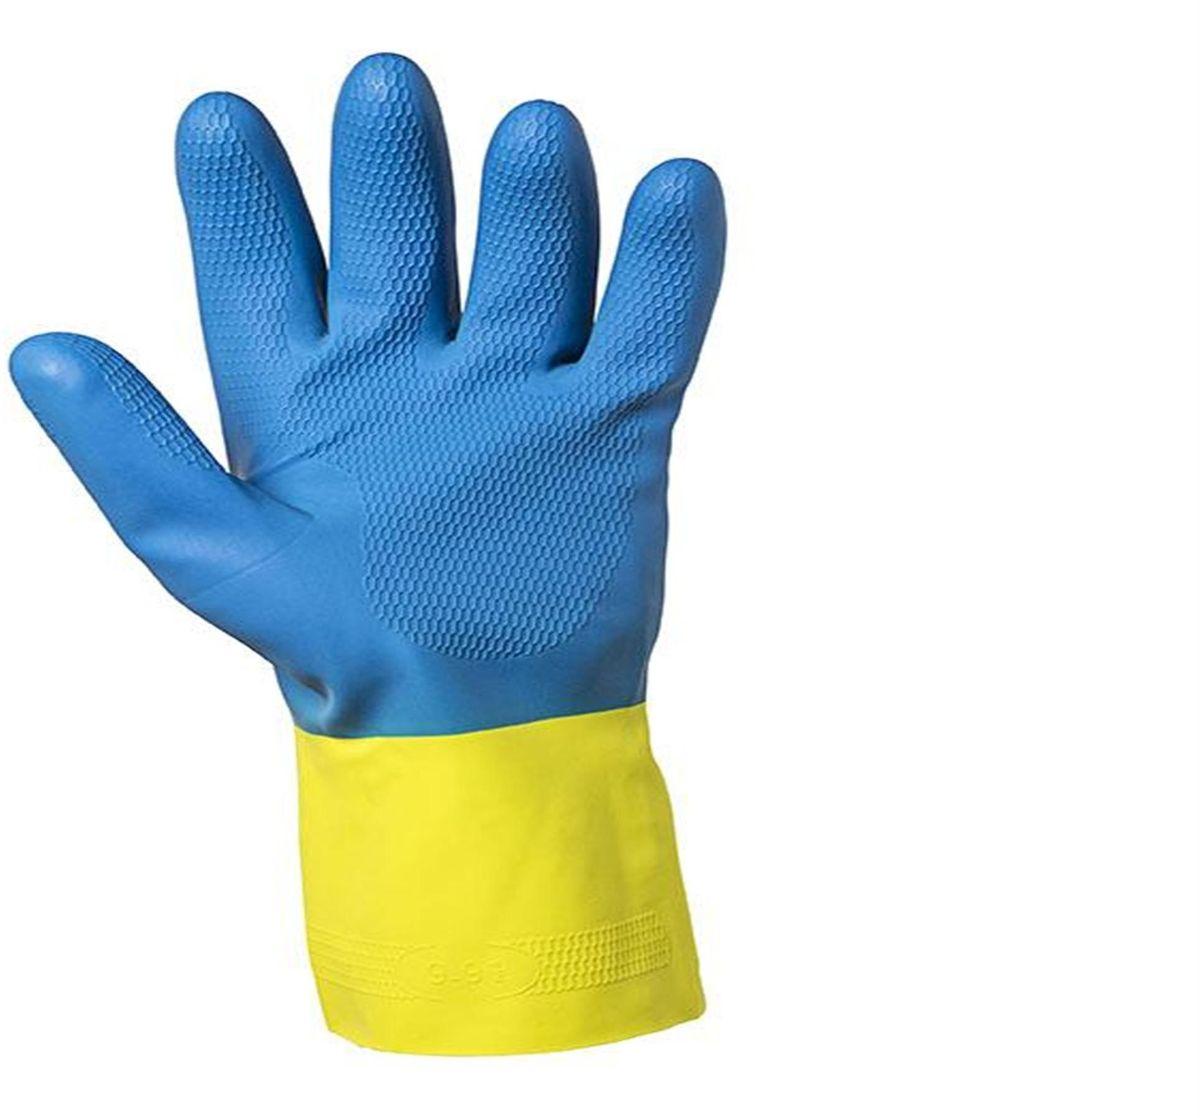 Перчатки хозяйственные Jackson Safety G80, цвет: желтый, голубой. Размер 8(M). 3874238742Защитные перчатки JACKSON SAFETY® G80 латекс/неопрен для защиты от химических веществ подходят для целого спектра областей применения: обеспечивают надежную защиту от воздействия химических веществ. Относятся к СИЗ категории III (CE Complex), а также обеспечивают защиту от механического воздействия в тех областях, где работают с химическими веществами, маслами, густыми смазками, кислотами, каустическими средствами или растворителями. Разрешен контакт с пищевыми продуктами. Поставляются в виде пары перчаток с индивидуальным дизайном для левой и правой руки; толщина 0,70 мм; имеют неопреновое покрытие поверх латекса для обеспечения максимальной защиты, а также для улучшения гибкости материала. Удлиненные манжеты, текстурированный материал в области ладони обеспечивает отличный захват при работе сухими/влажными поверхностями; хлопковое напыление на внутренней стороне перчатки обеспечивает легкость при надевании/снятии перчатки, а также комфорт при длительном использовании. Хлорированы...